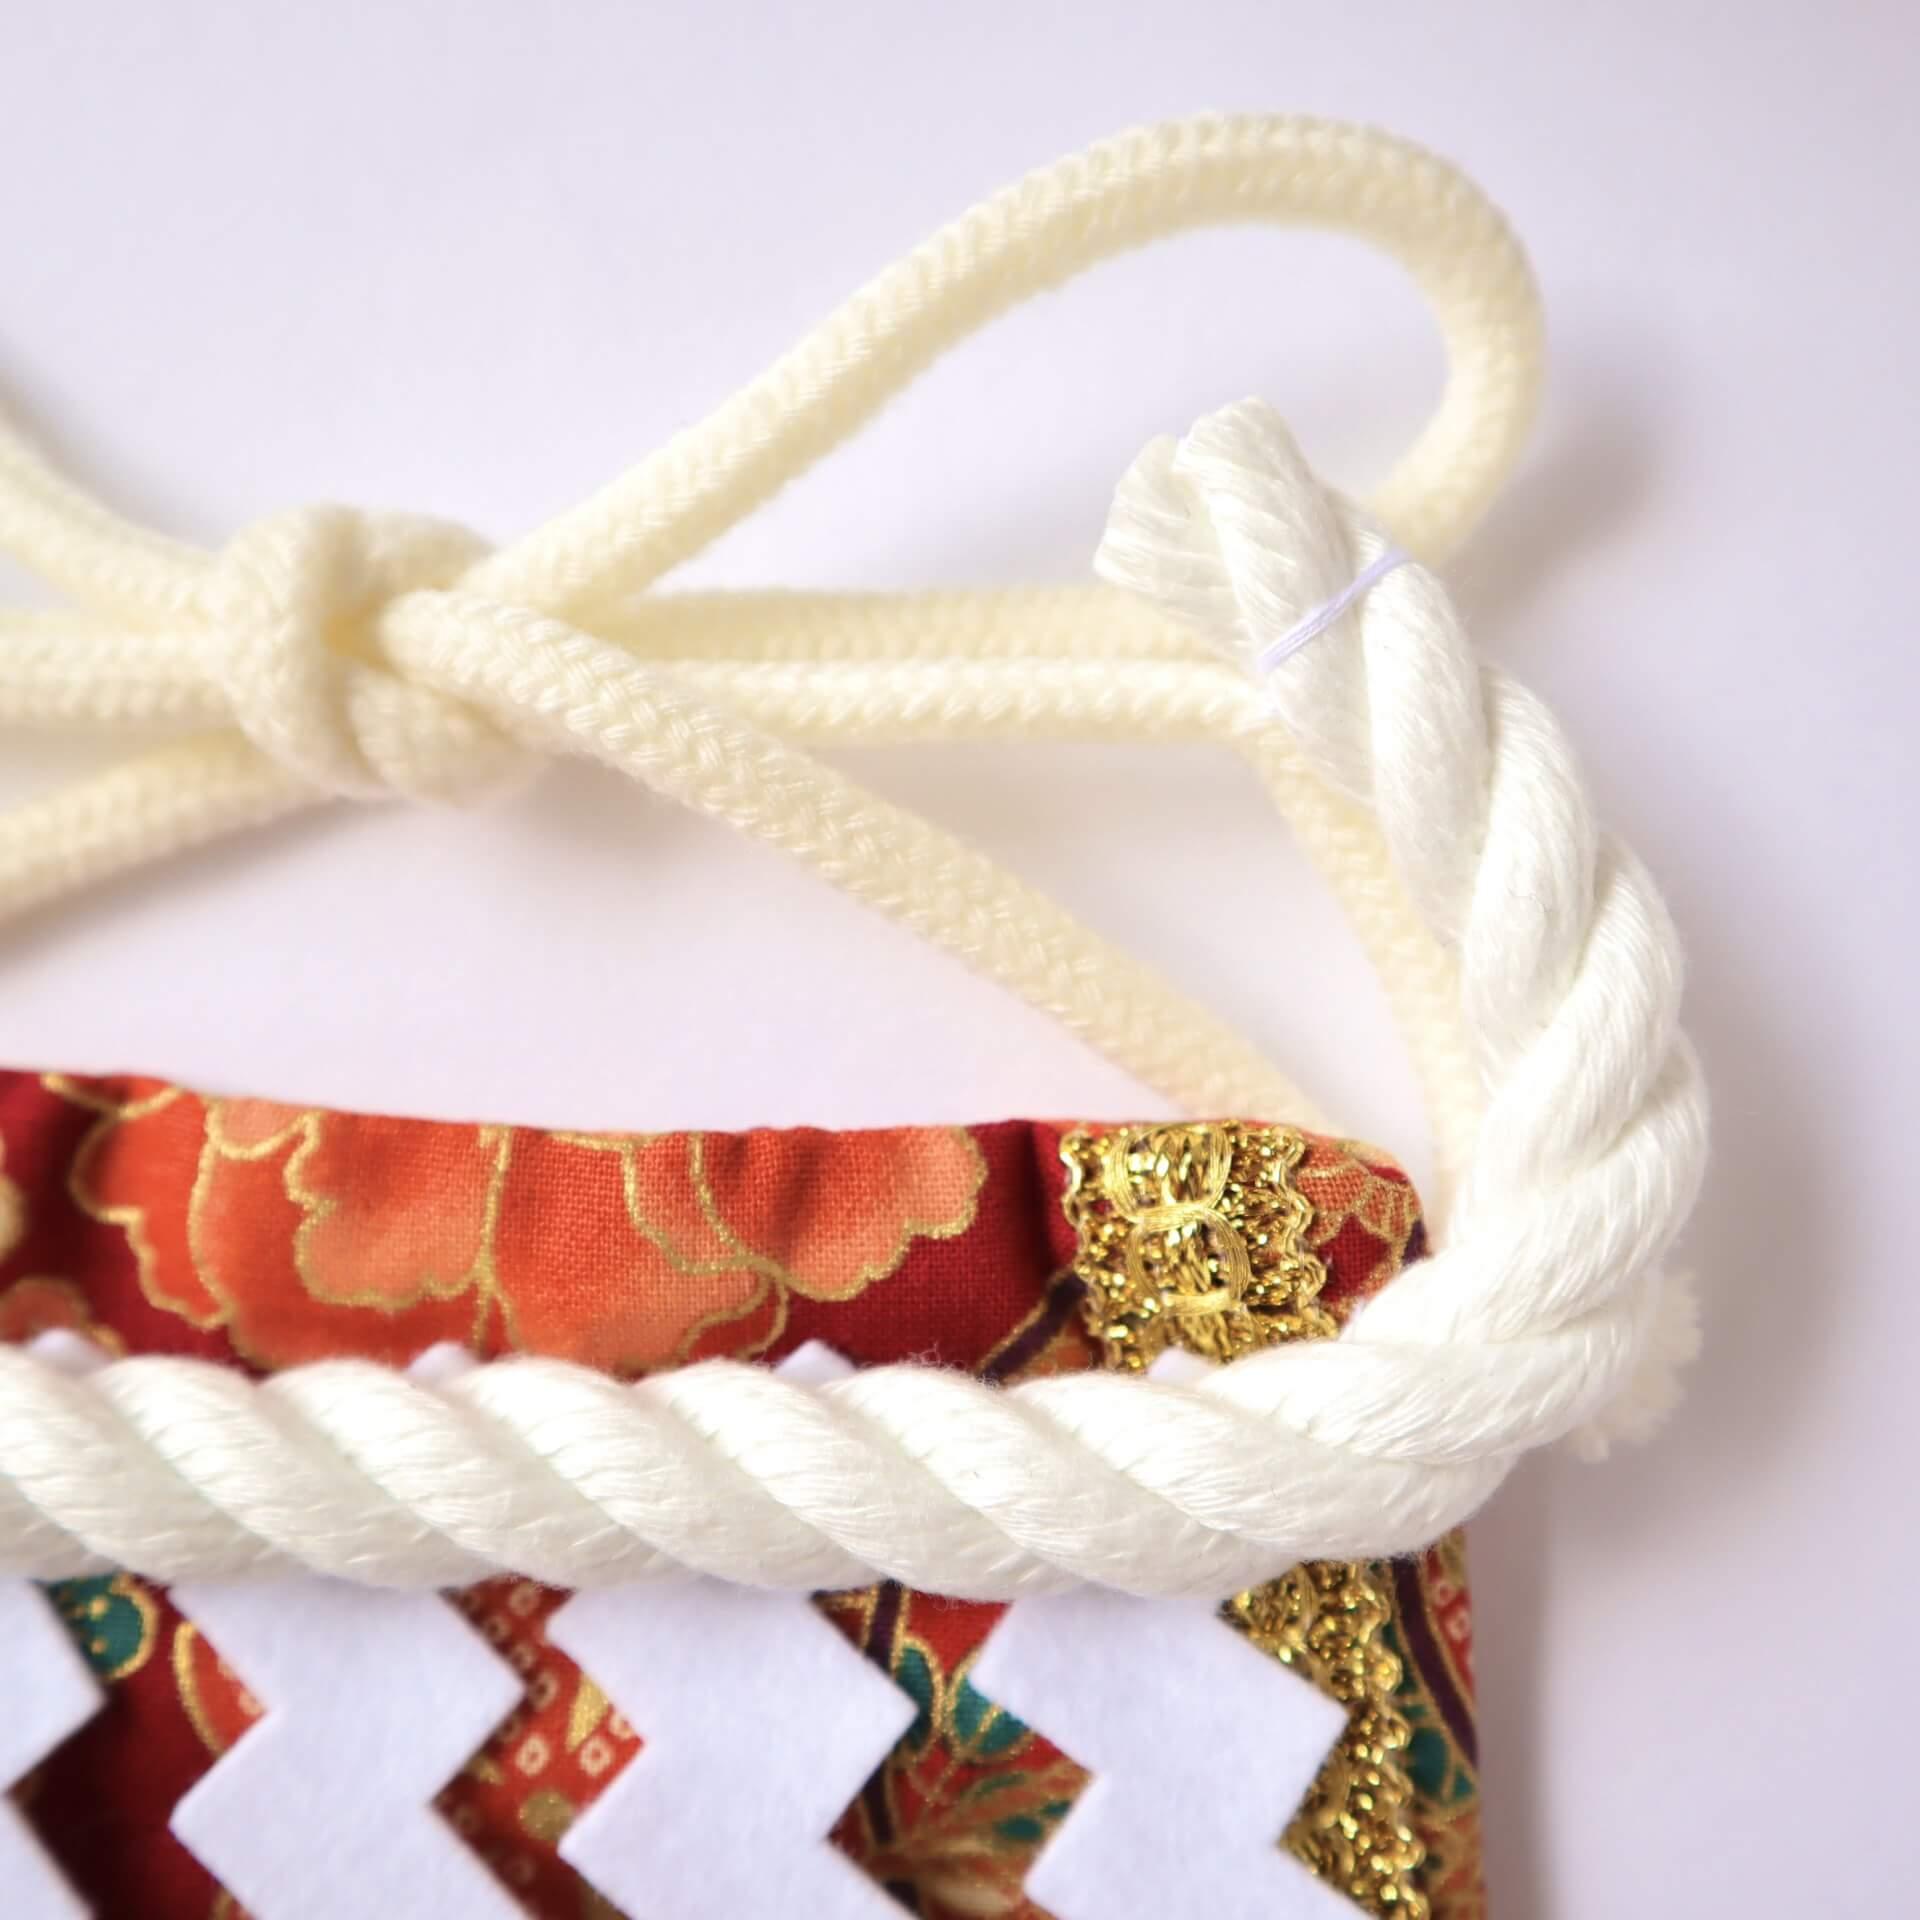 ワンちゃん化粧まわし・飾り綱と結び紐